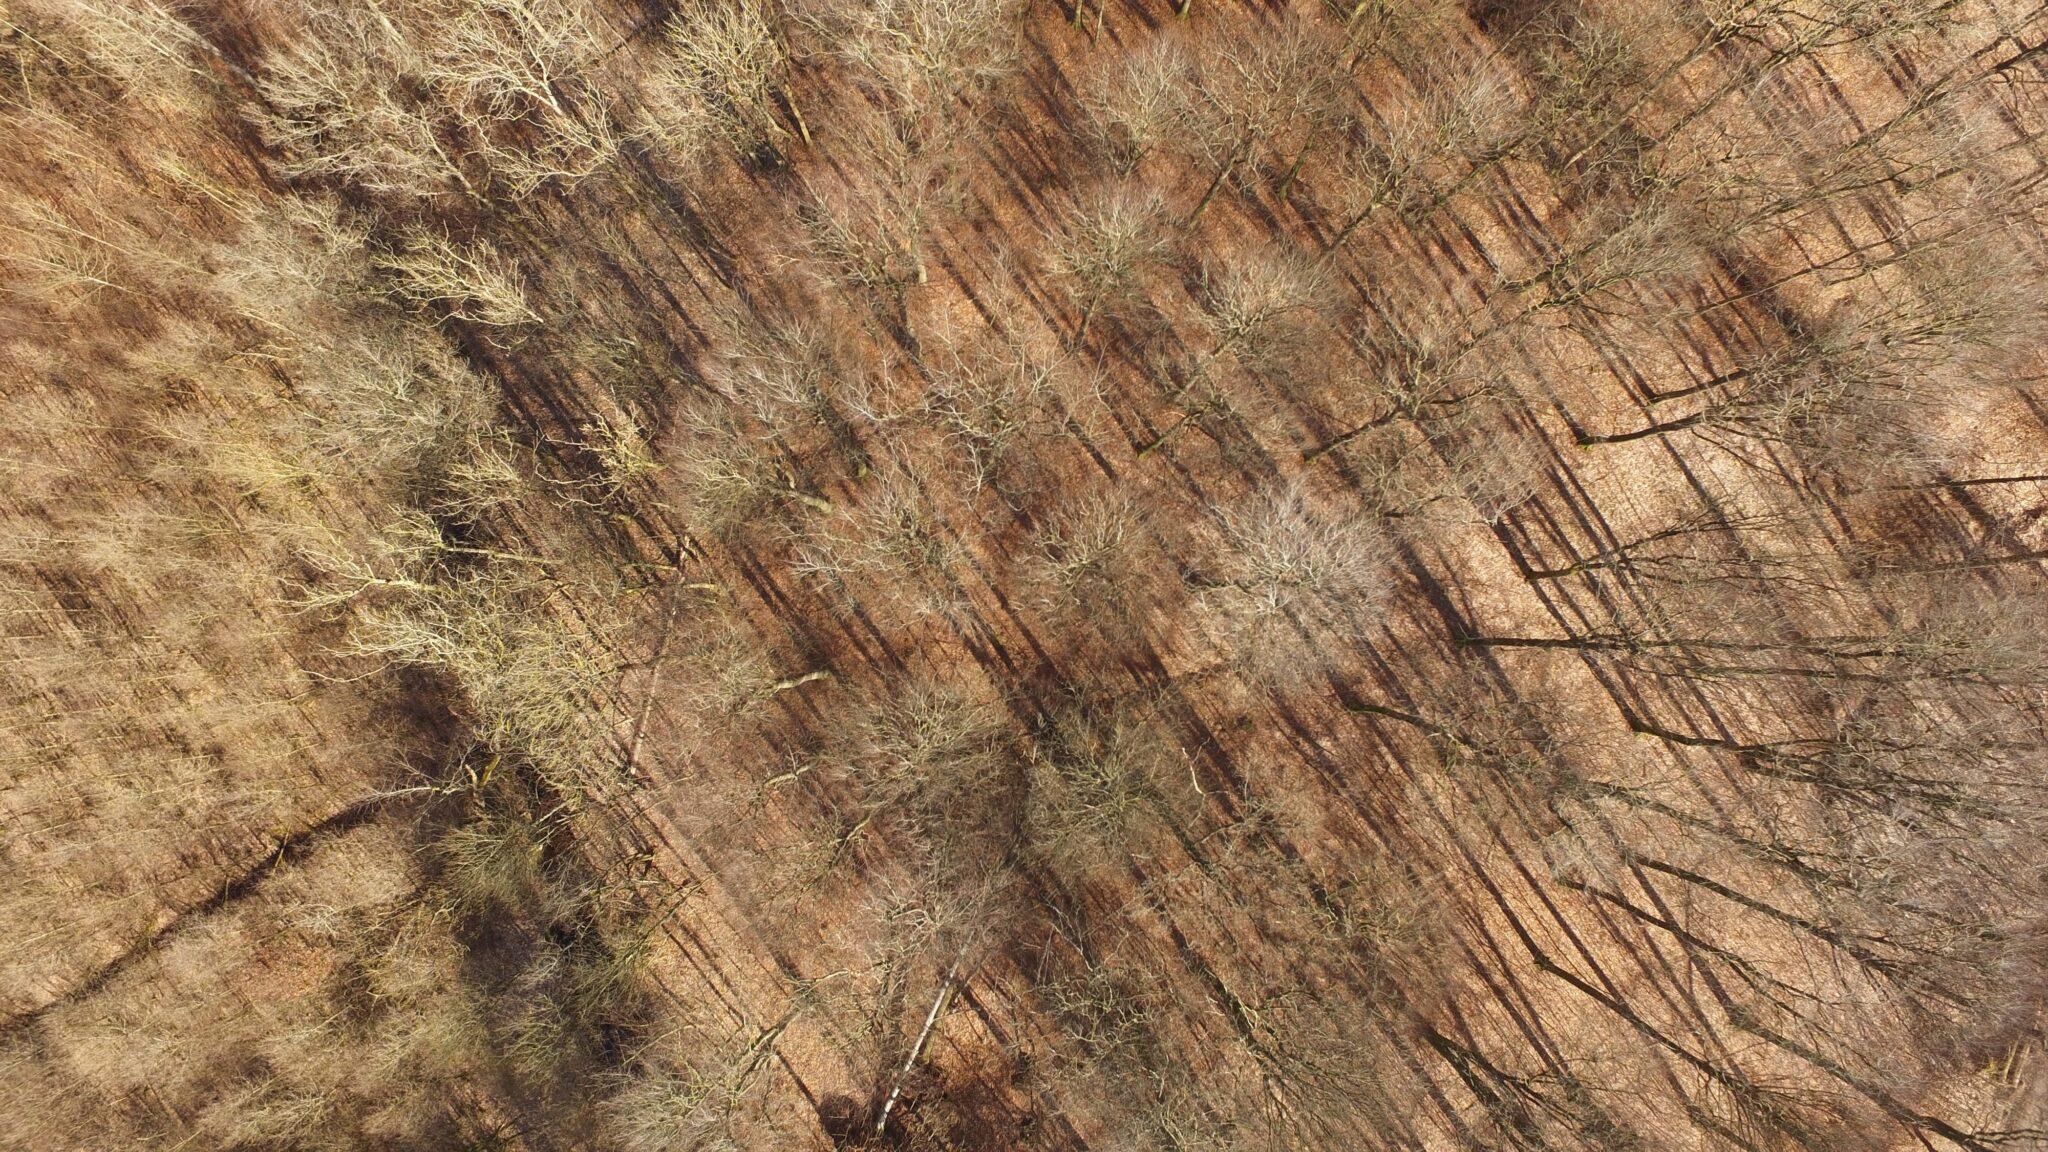 Vogelschau von vertrockneten Bäumen